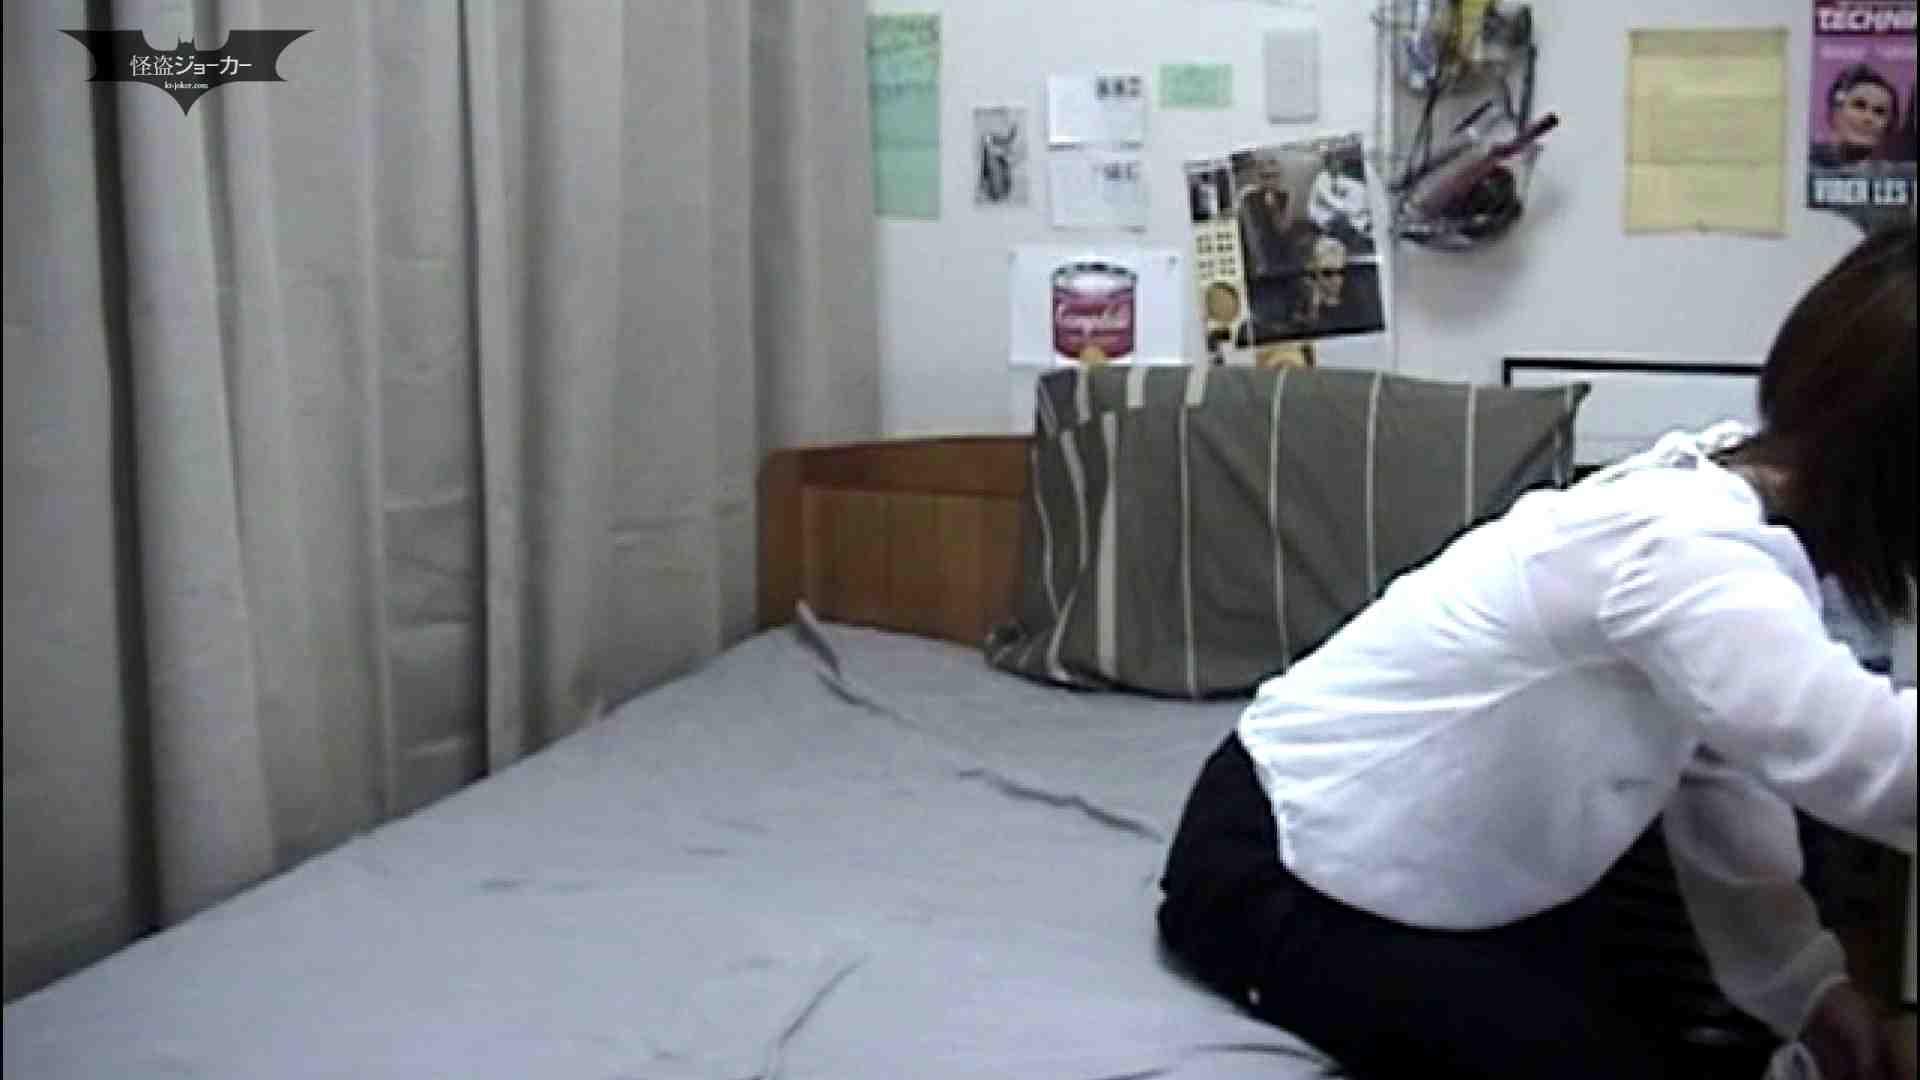 素人女良を部屋に連れ込み隠し撮りSEX!! その④ 色白美肌女良れいか ギャルのSEX AV動画キャプチャ 104画像 19